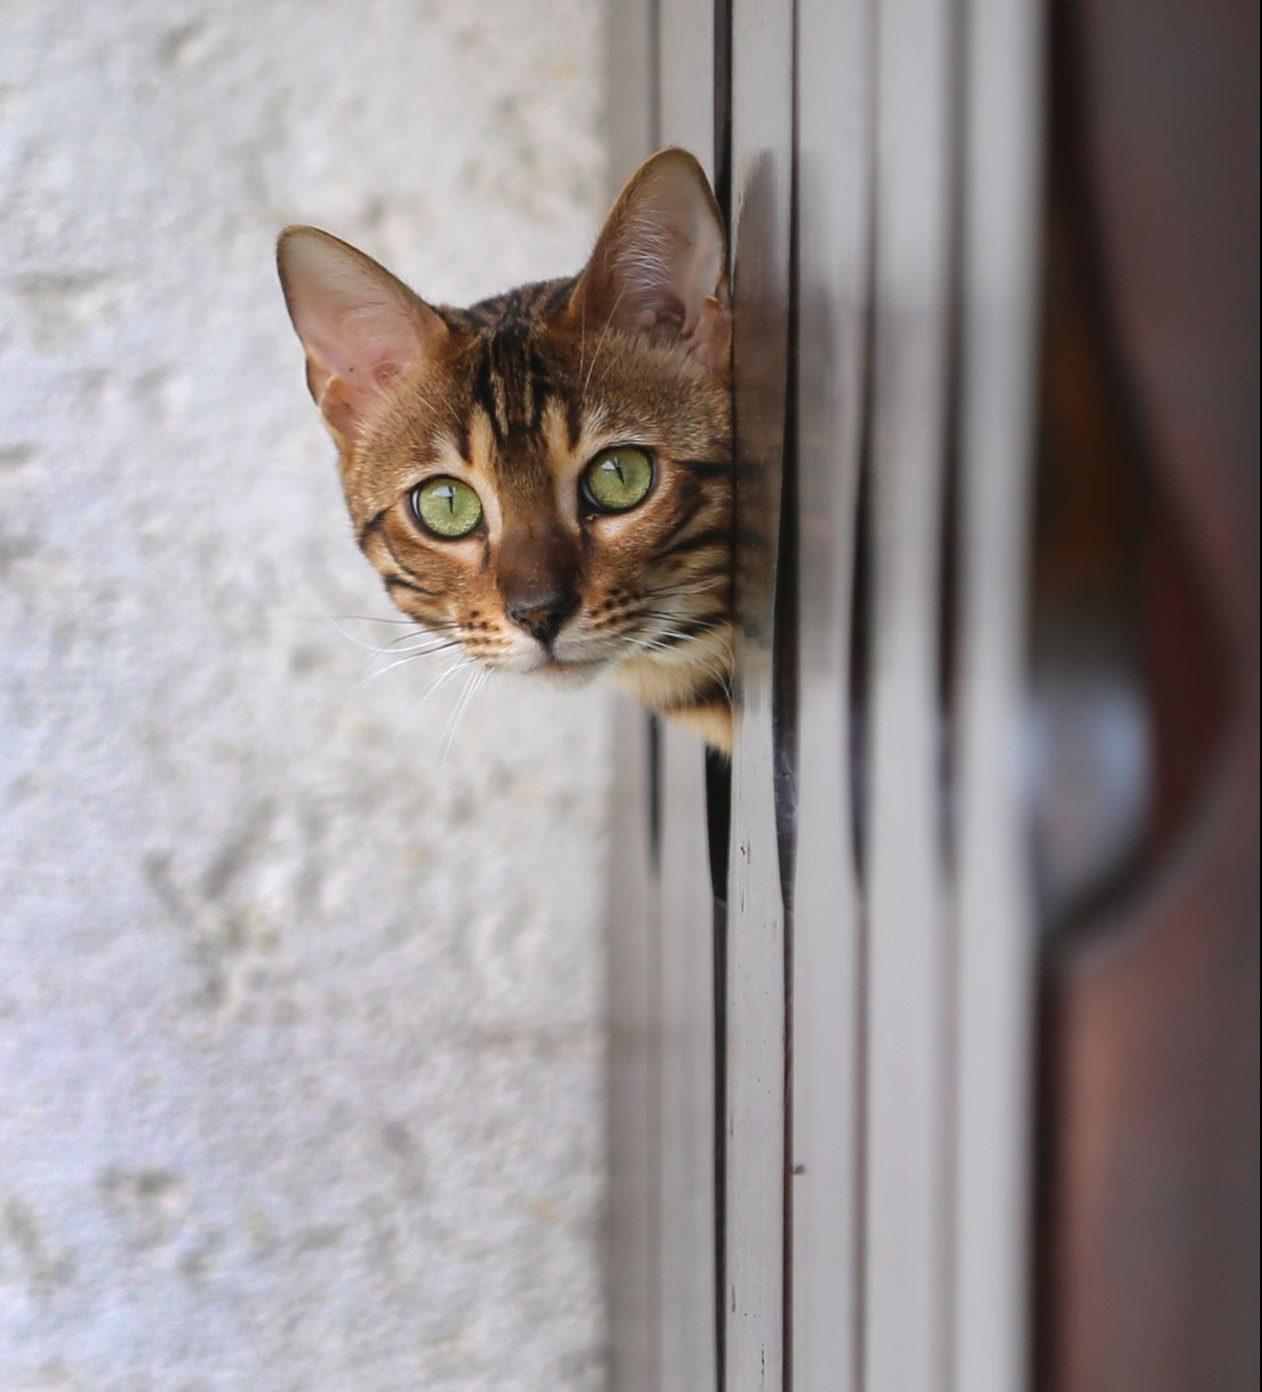 Katzen haben eine besonders hohe Anzahl von lichtempfindlichen Stäbchen auf ihrer Netzhaut. So können sie auch bei schlechten Lichtverhältnissen gut sehen.